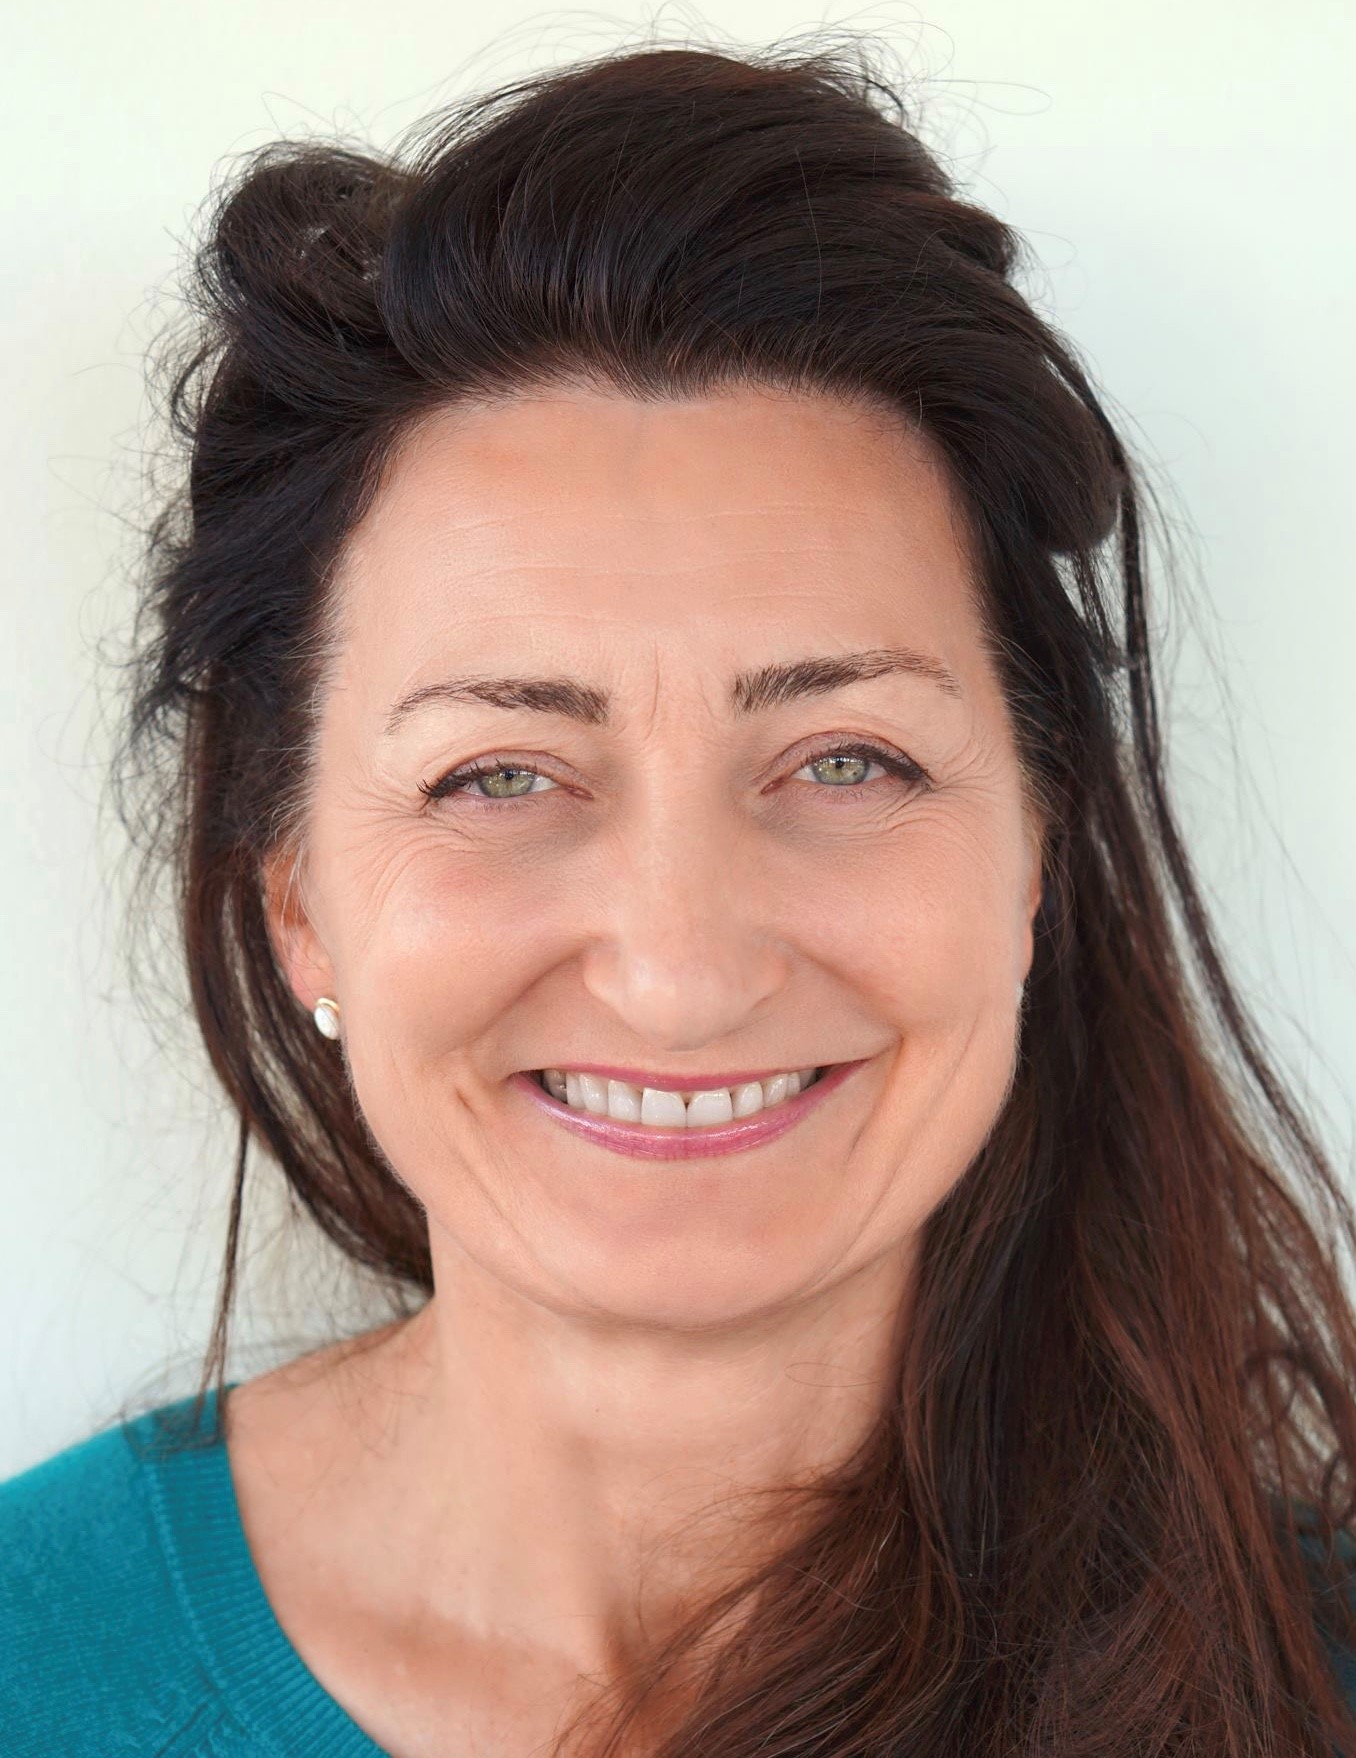 May-Britt Moser. Foto: Rita Elmkvist Nilsen/Kavli Inst. for Systems Neuroscience